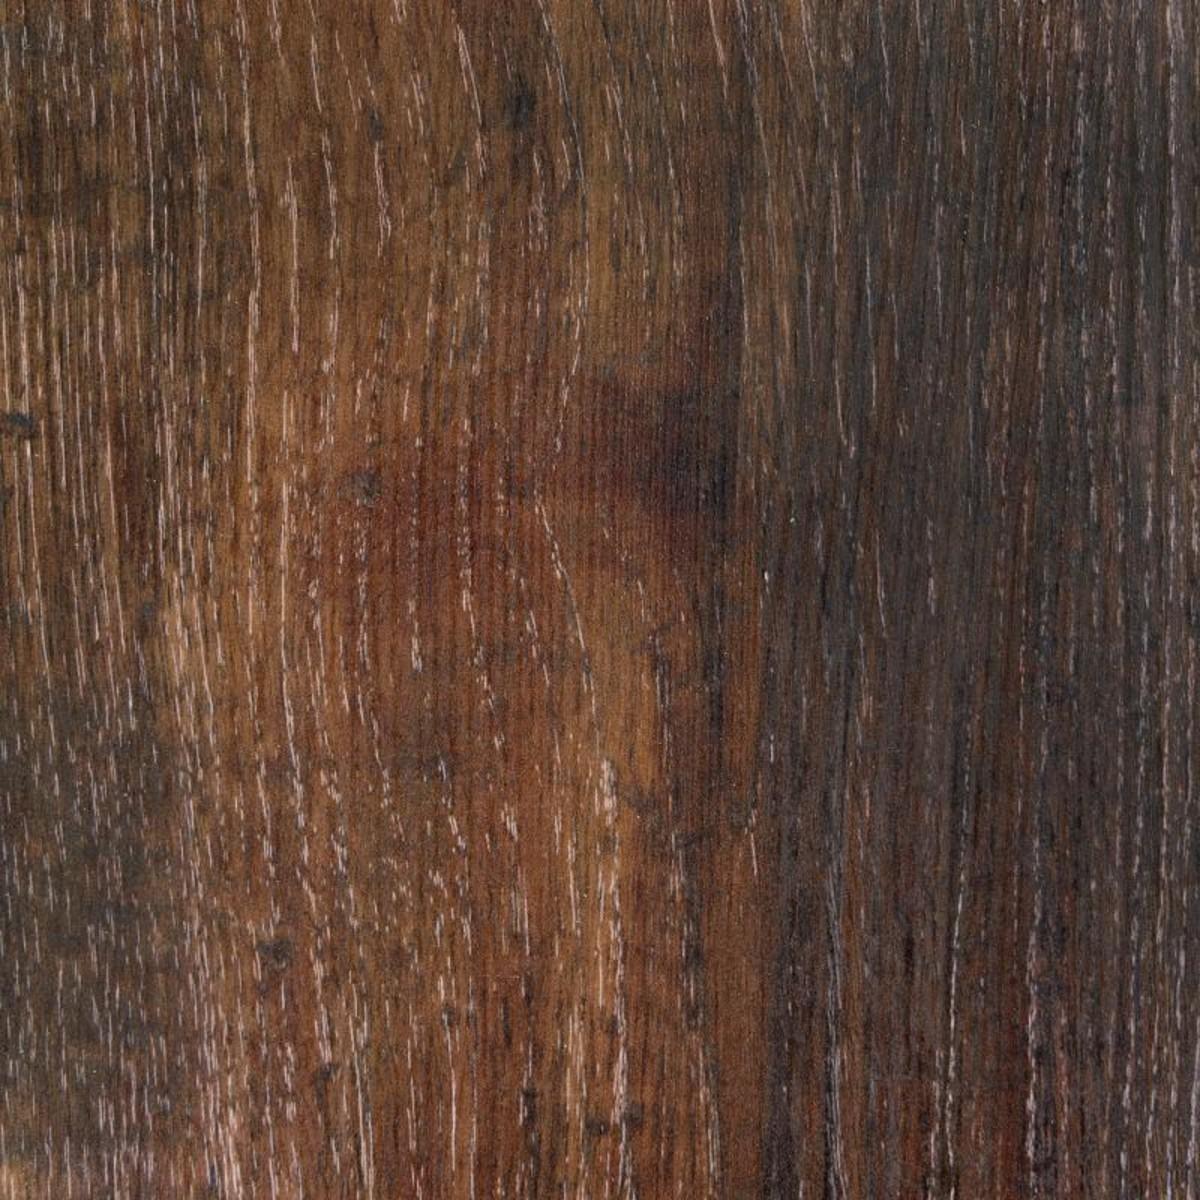 Ламинат Kastamonu Дуб Ямайка KU 8 мм 2.13 м2